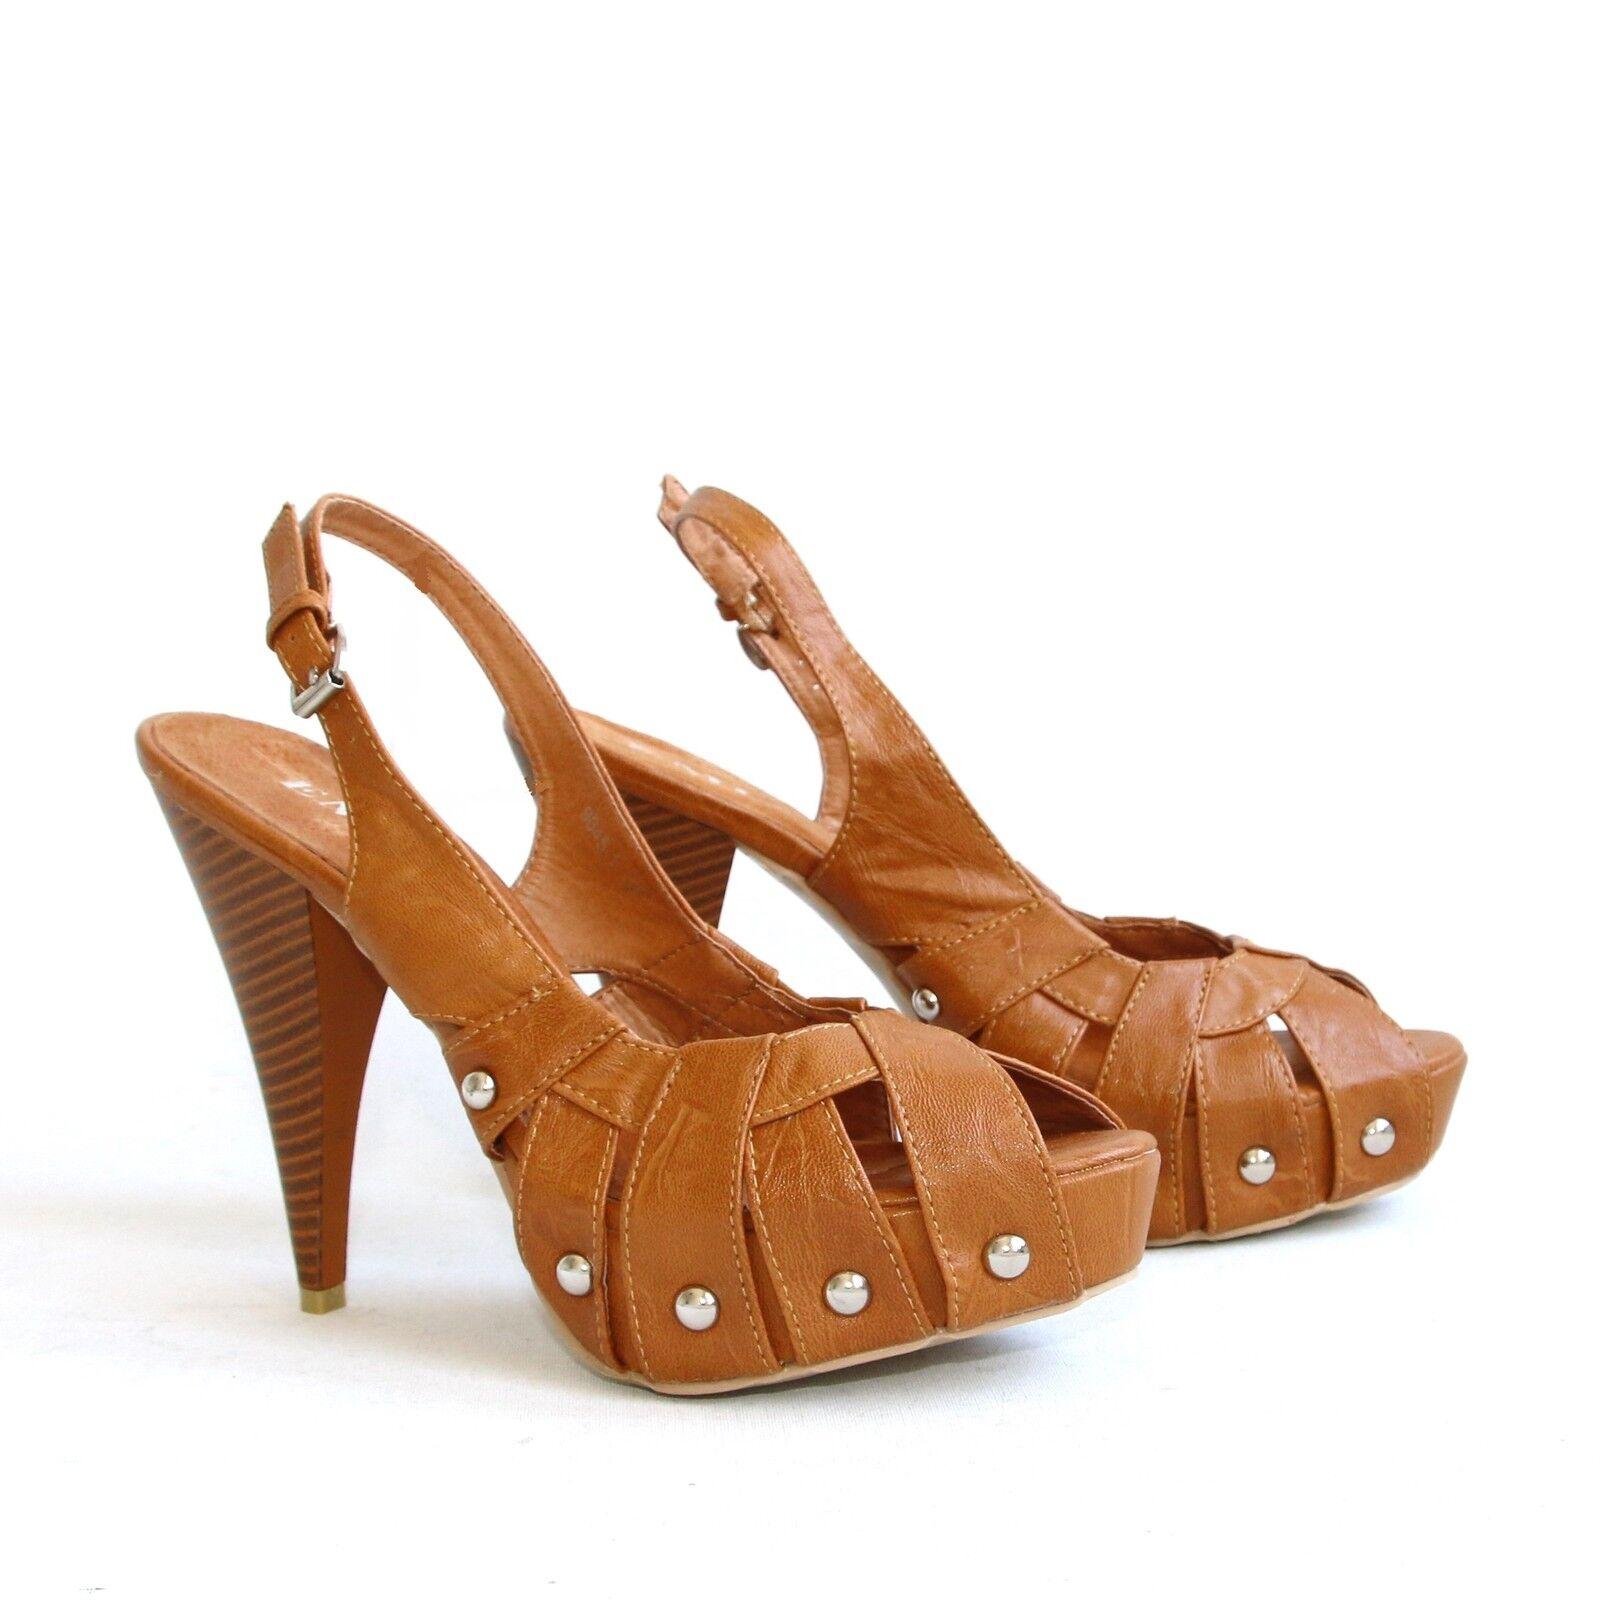 Plateau Riemchen Sandaletten 37 Braun Pumps High Heels Stilettos Shoes 9045-1.